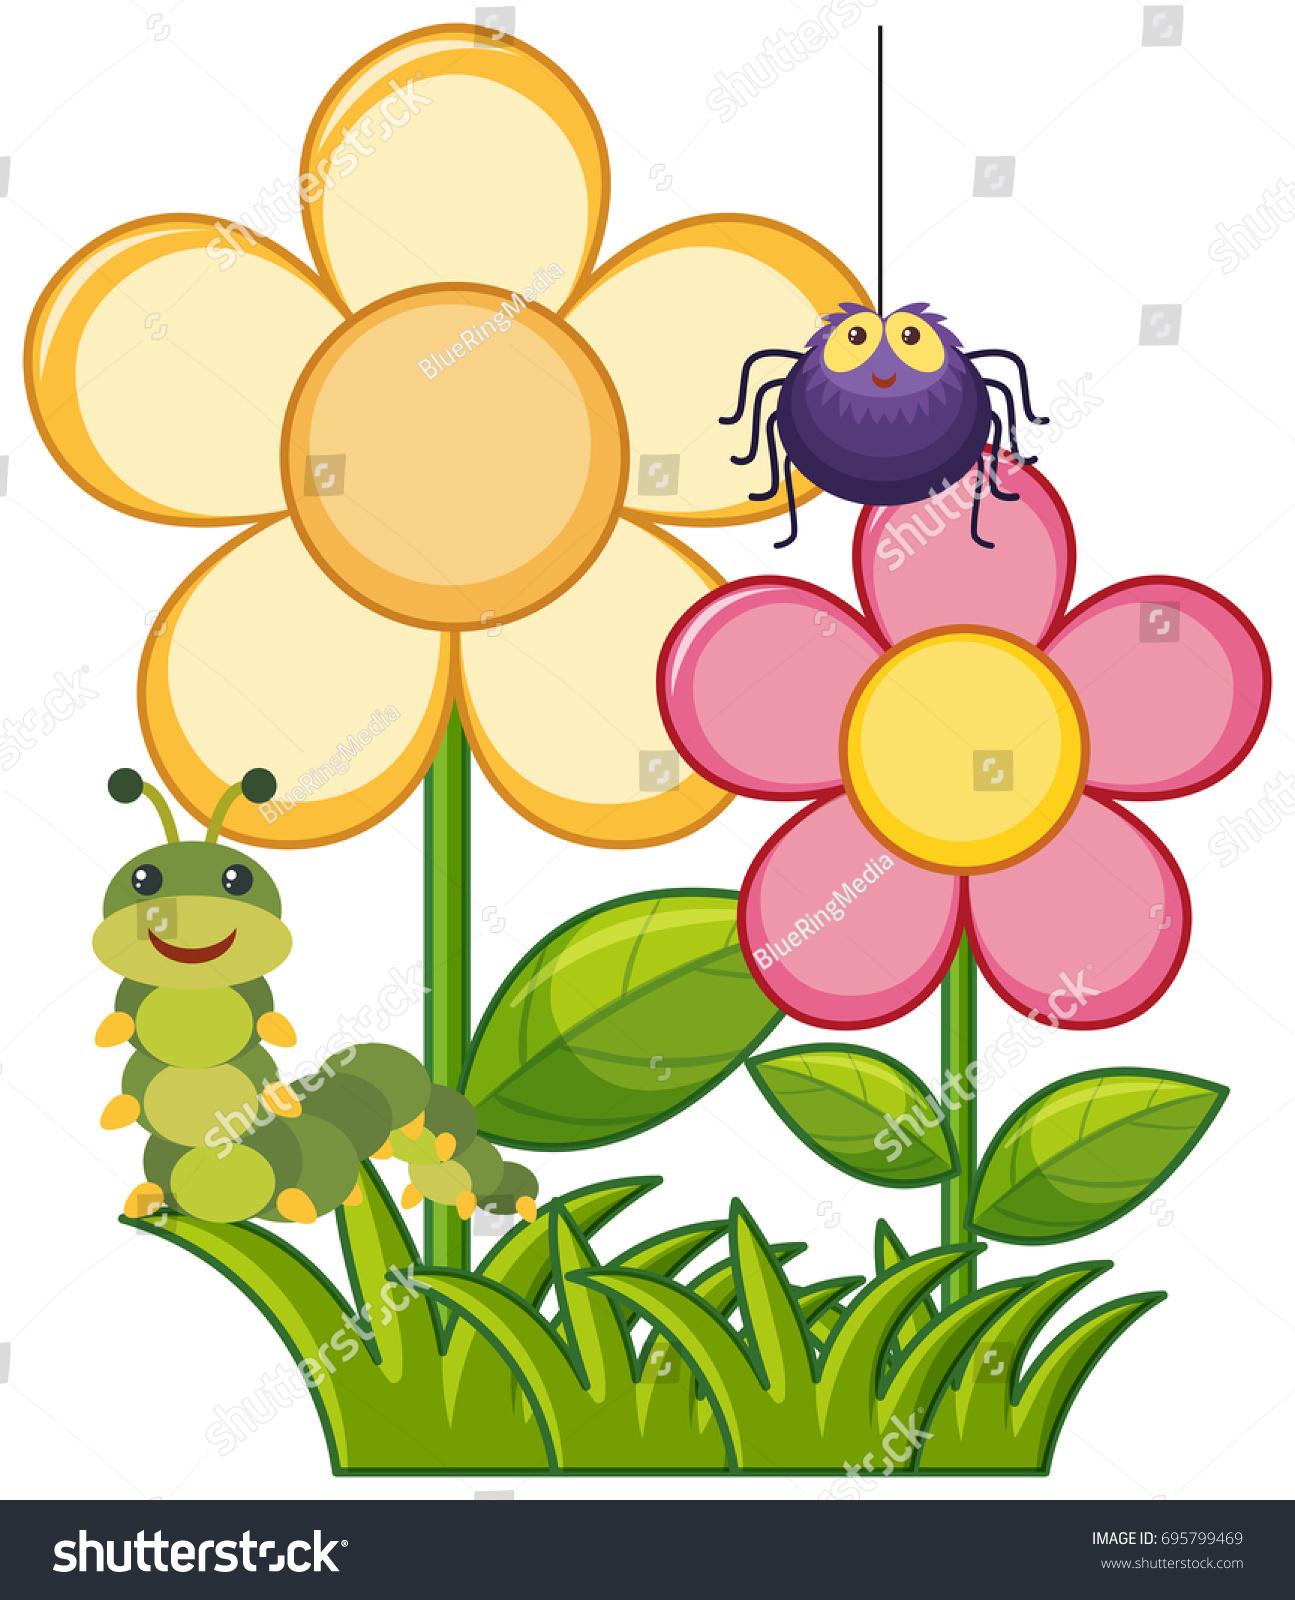 Flower garden cartoon - Spider And Caterpillar In Flower Garden Illustration